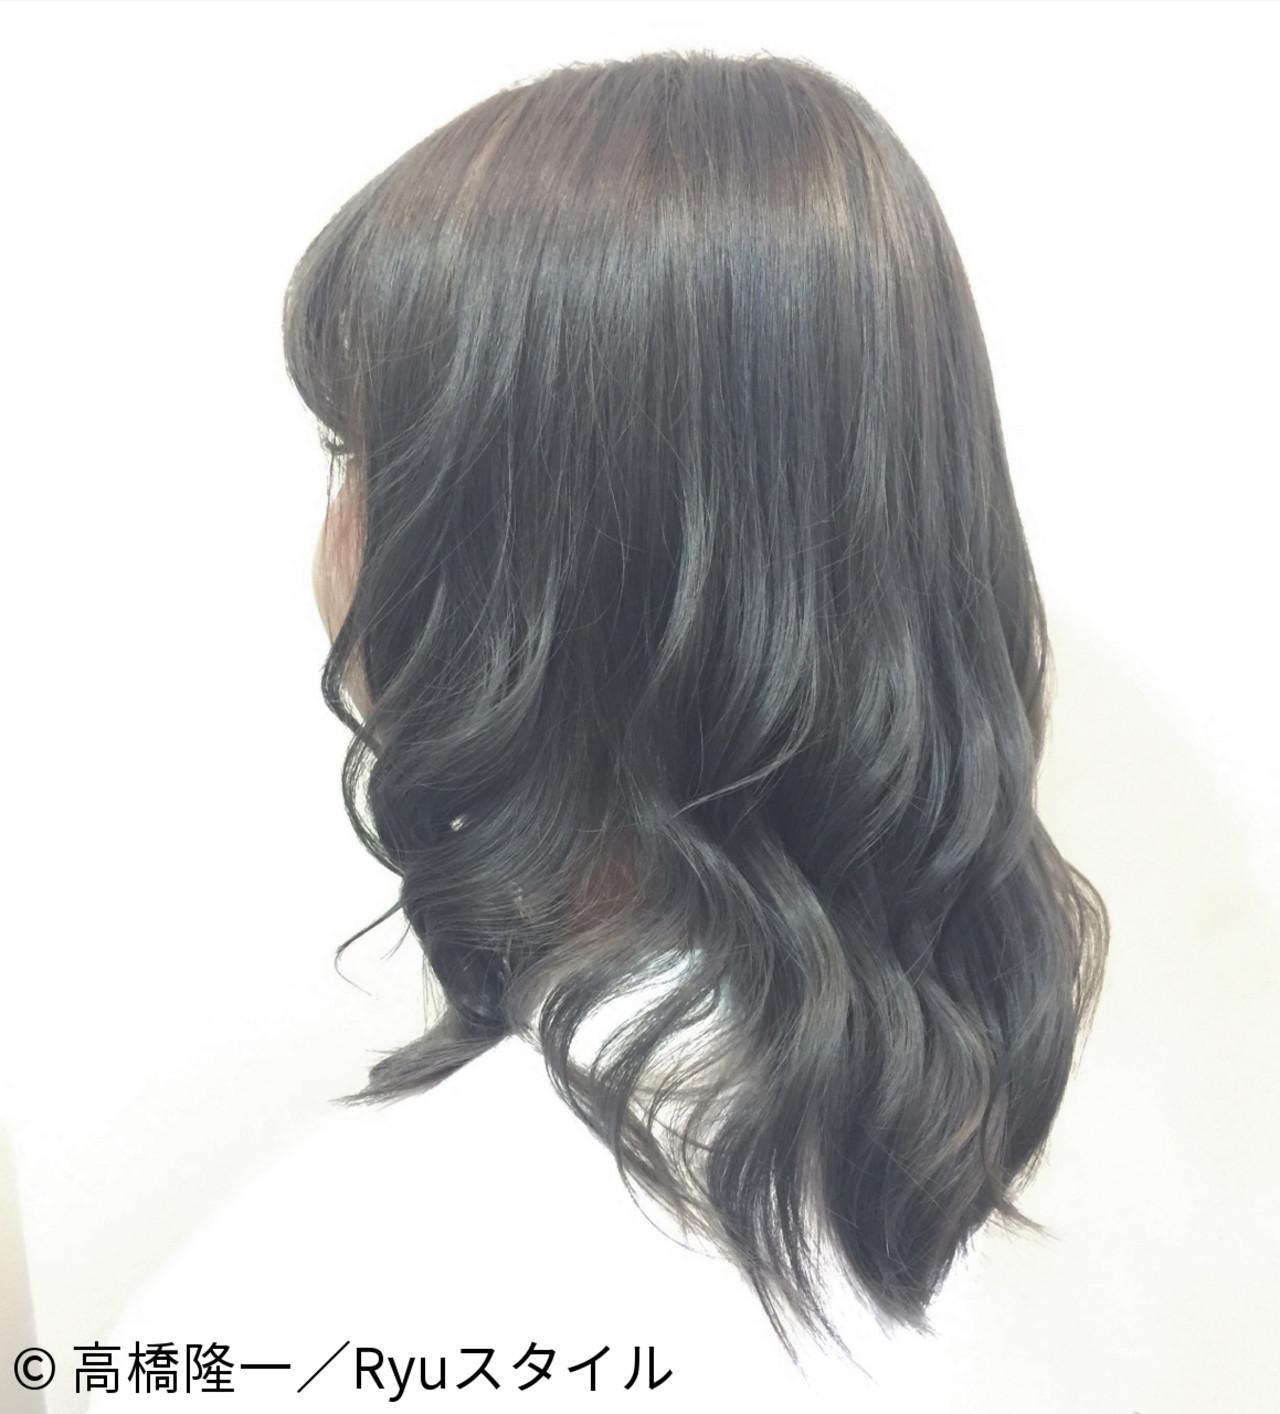 アッシュ ミディアム グラデーションカラー 暗髪ヘアスタイルや髪型の写真・画像